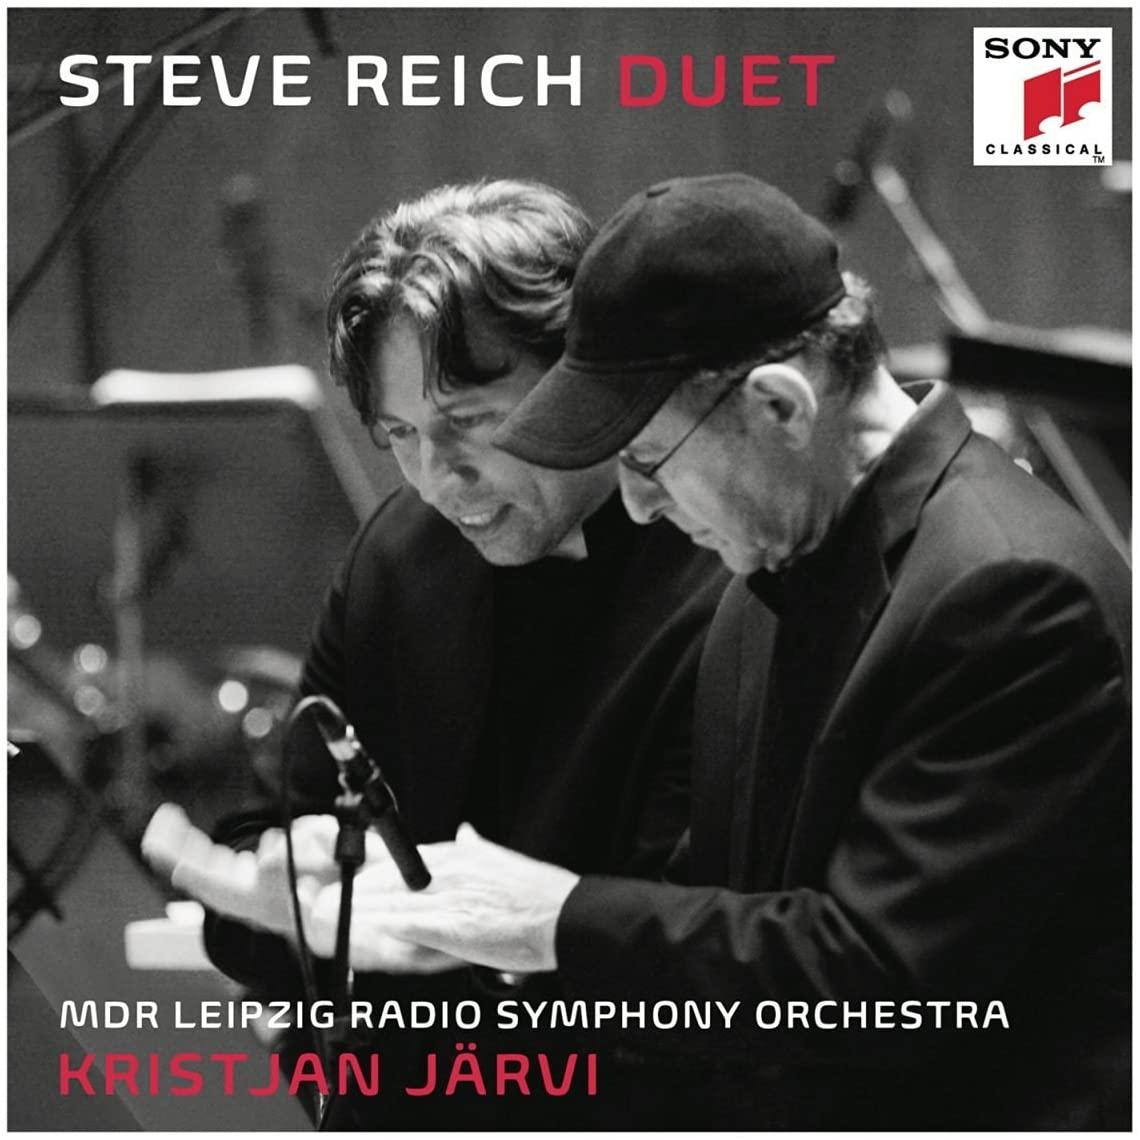 Steve Reich,  Duet